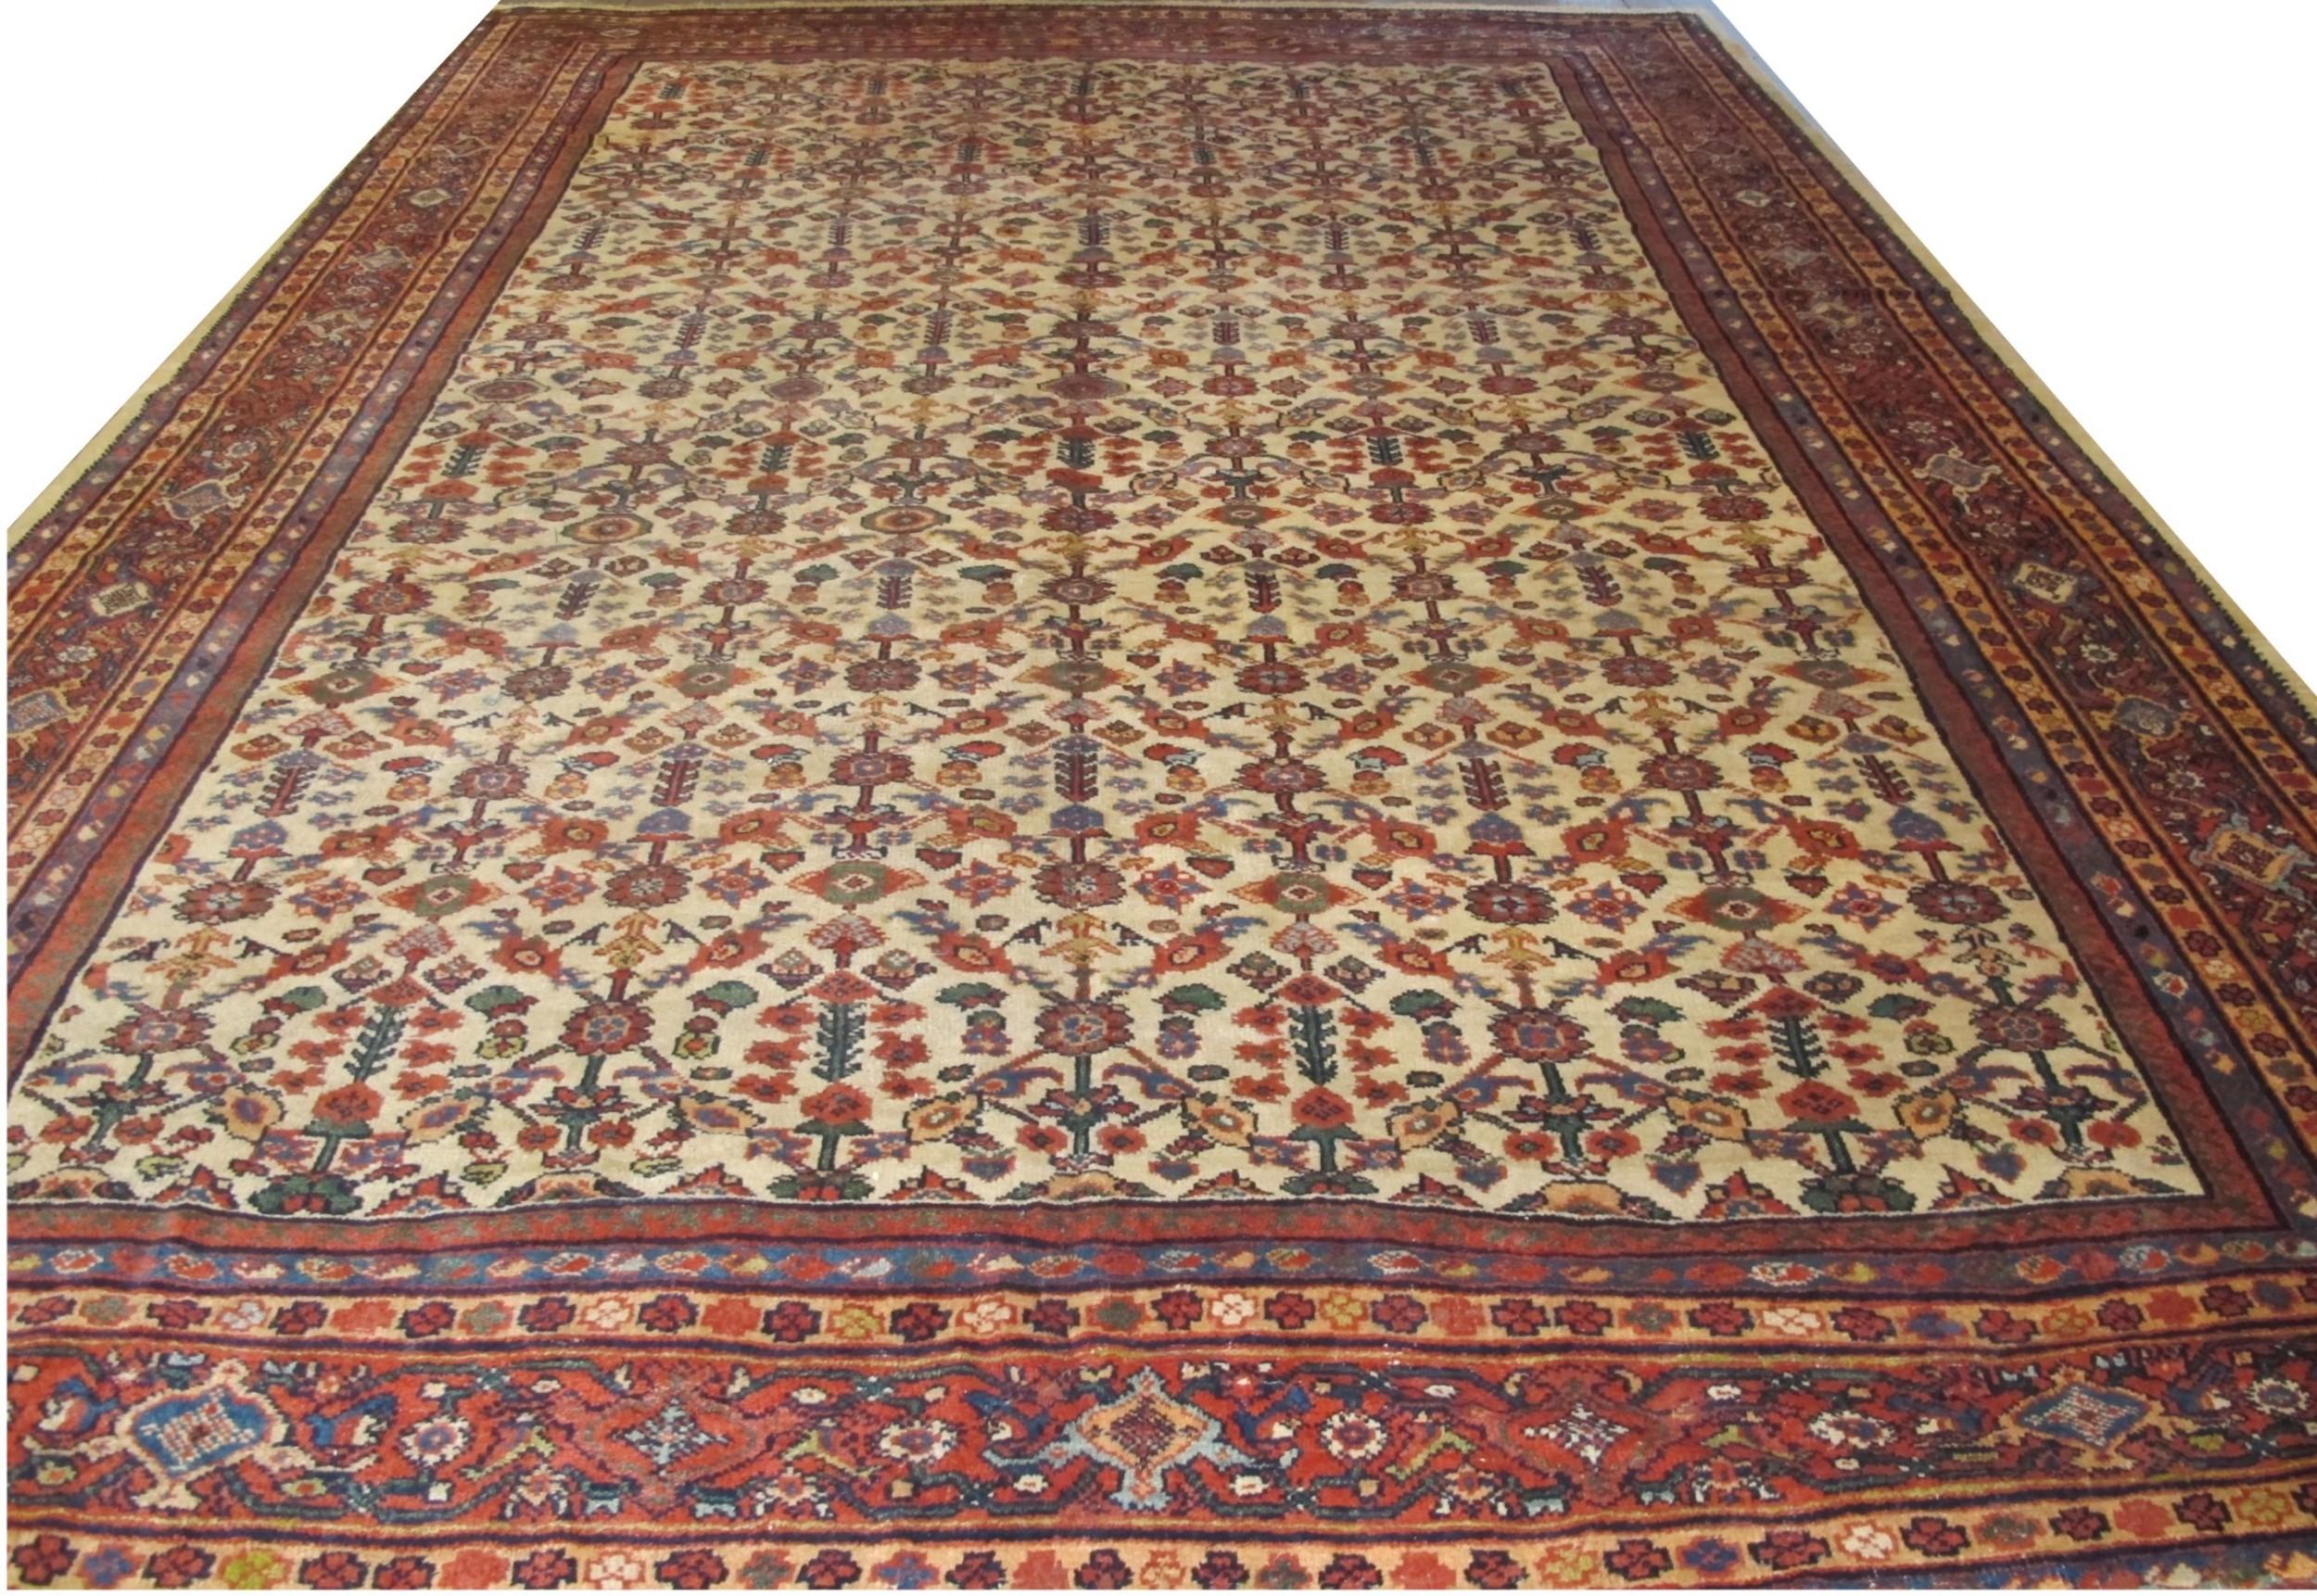 sultanabad carpet west persia circa 1880 14' 2 x 9' 11 432m x 302m